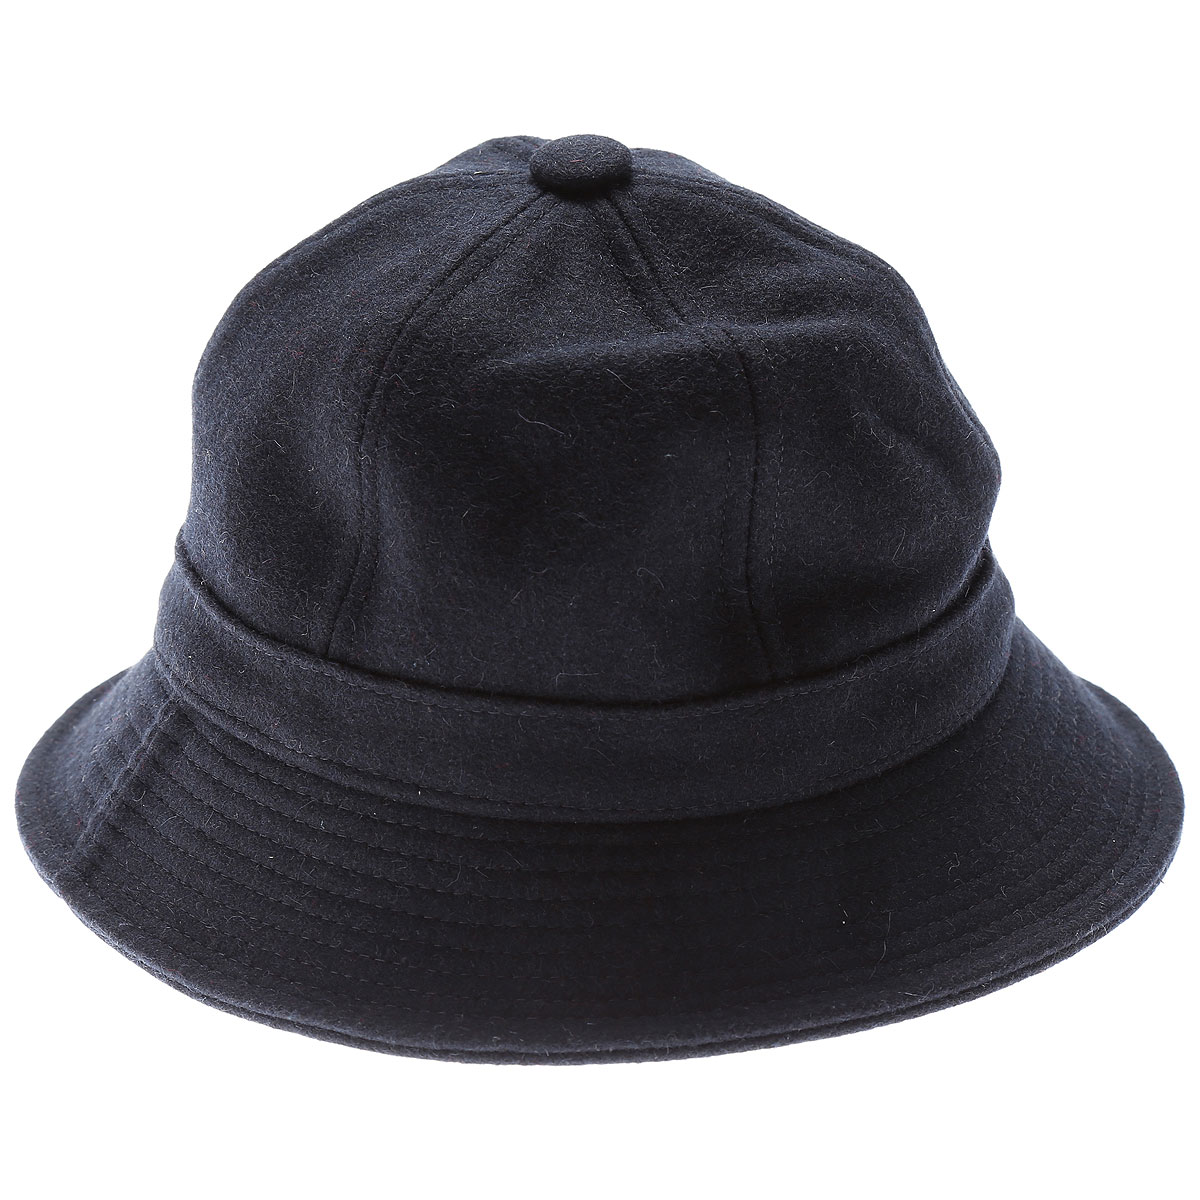 Comme des Garçons Chapeau Homme, Bleu foncé, Laine, 2017, L M